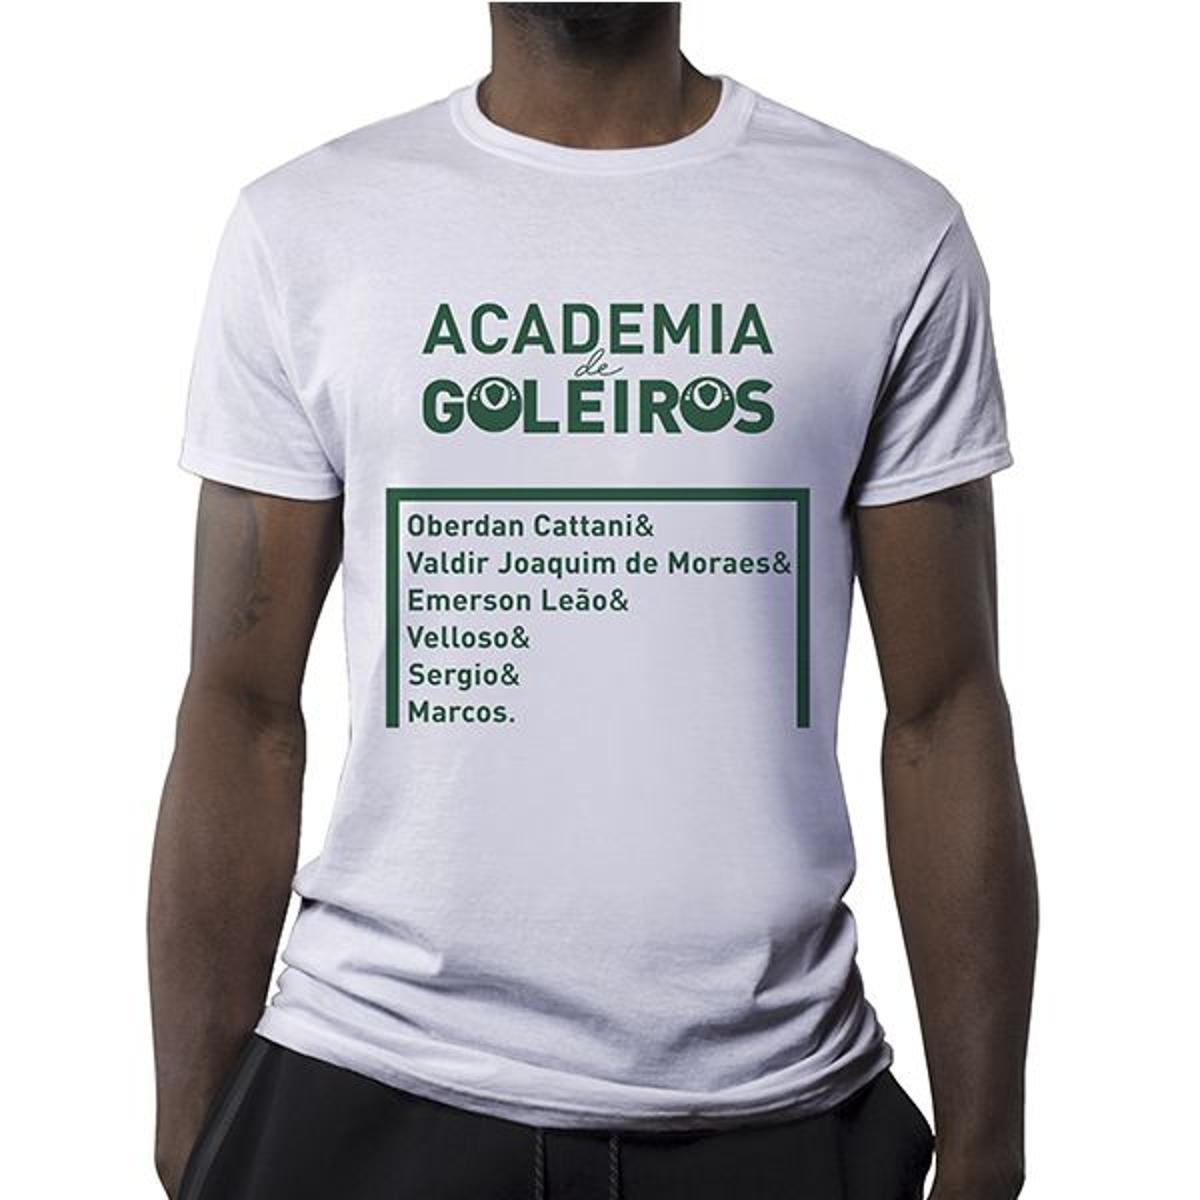 Camiseta Academia De Goleiros Masculina - Branco - Compre Agora ... 3b0b6106d14